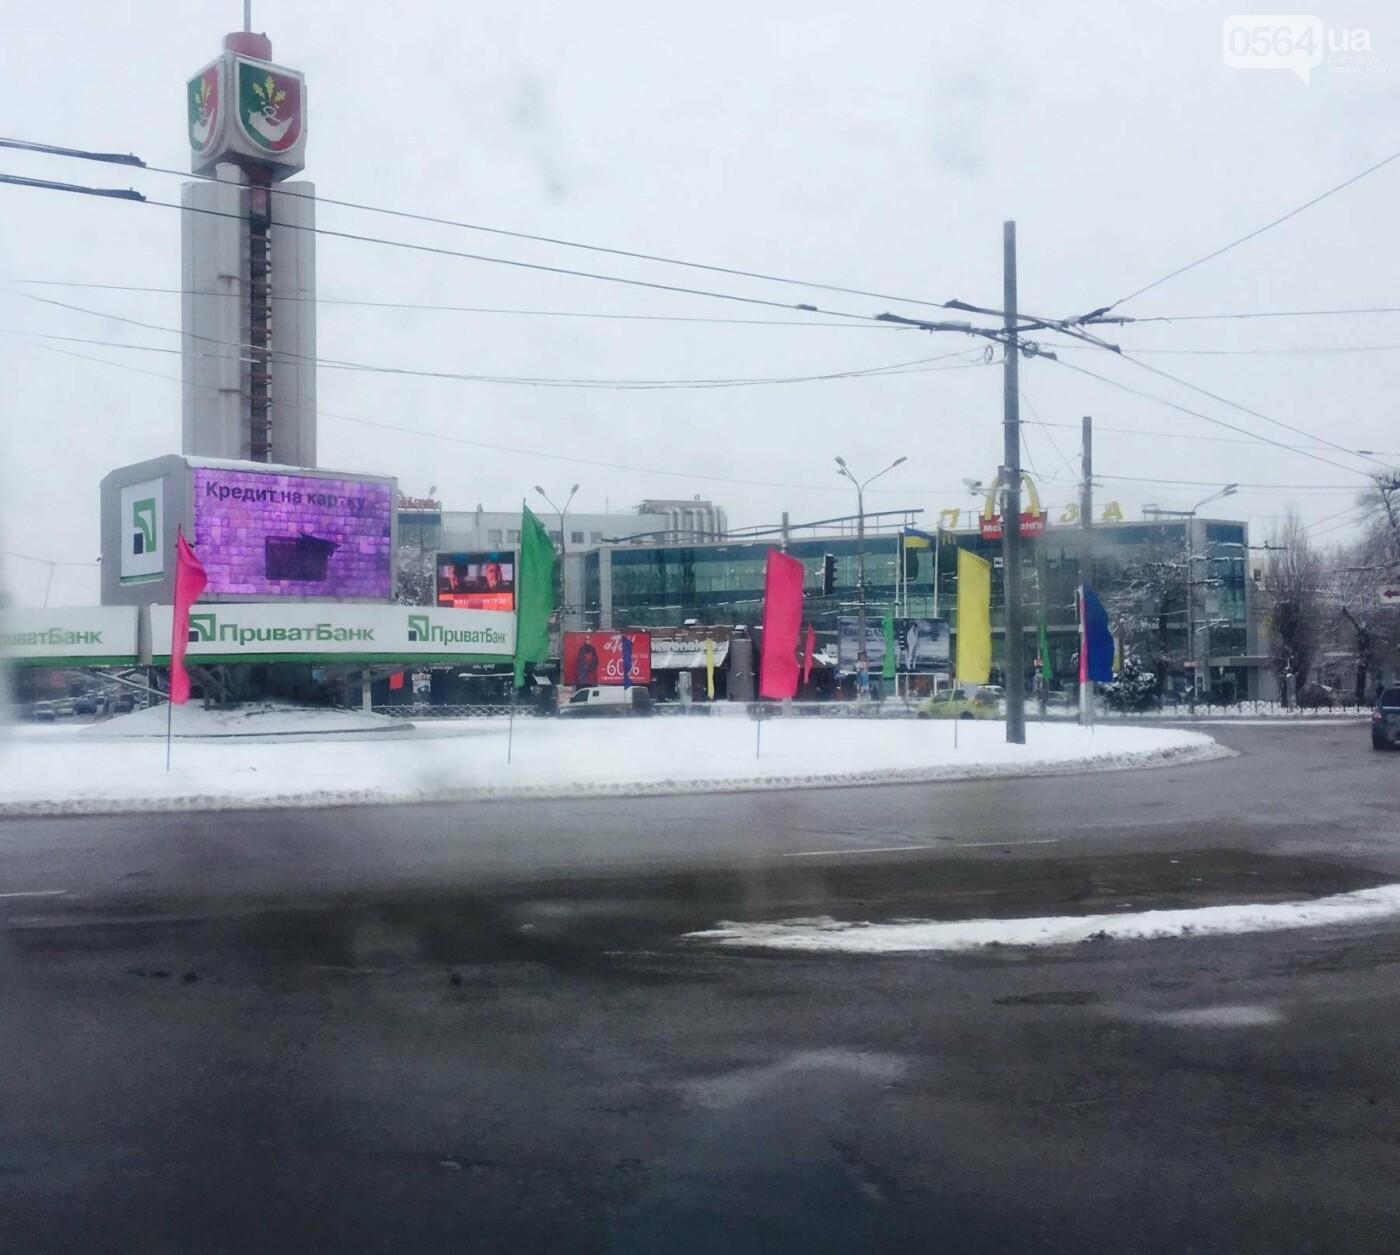 К вековому юбилею Украинской независимости Кривой Рог украсили флагами национальных цветов, фото-3